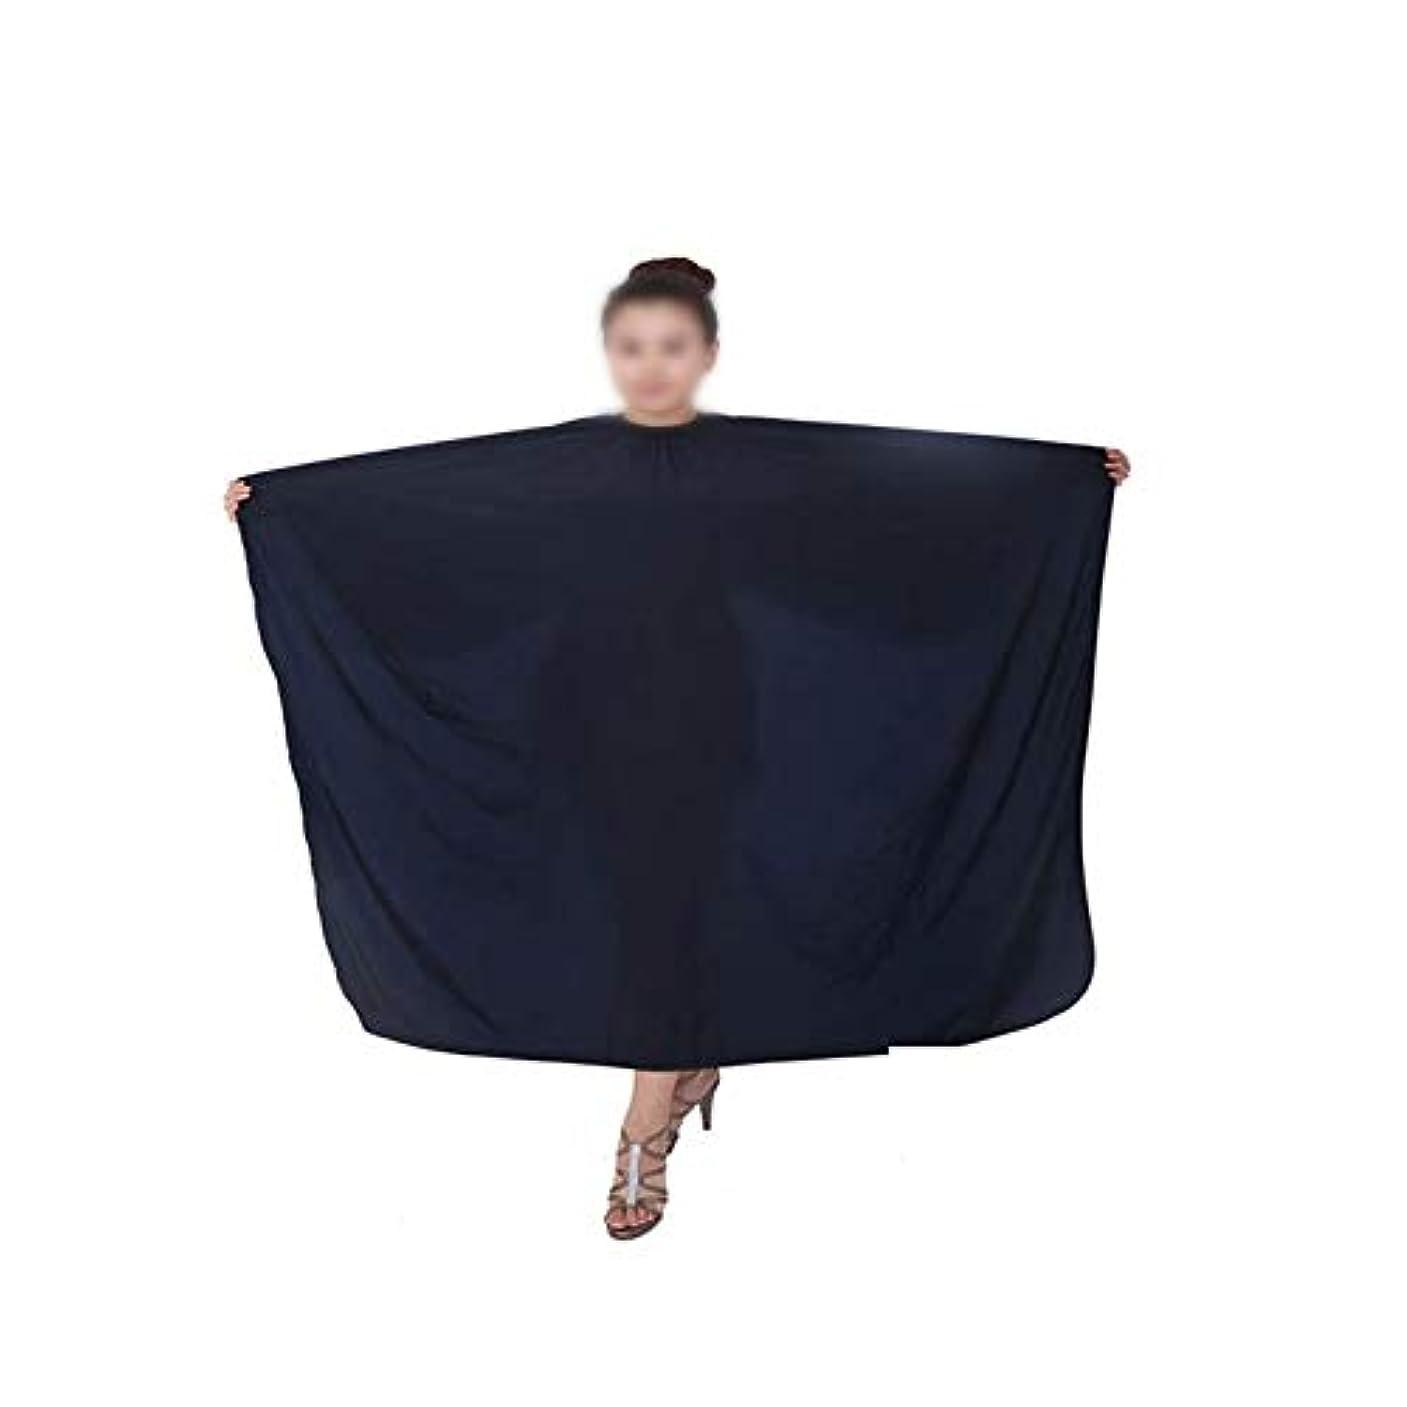 フォロー寛大な娯楽3個の理髪師の防水ケープ布サロンヘアカッティングガウンのセット モデリングツール (色 : 黒)